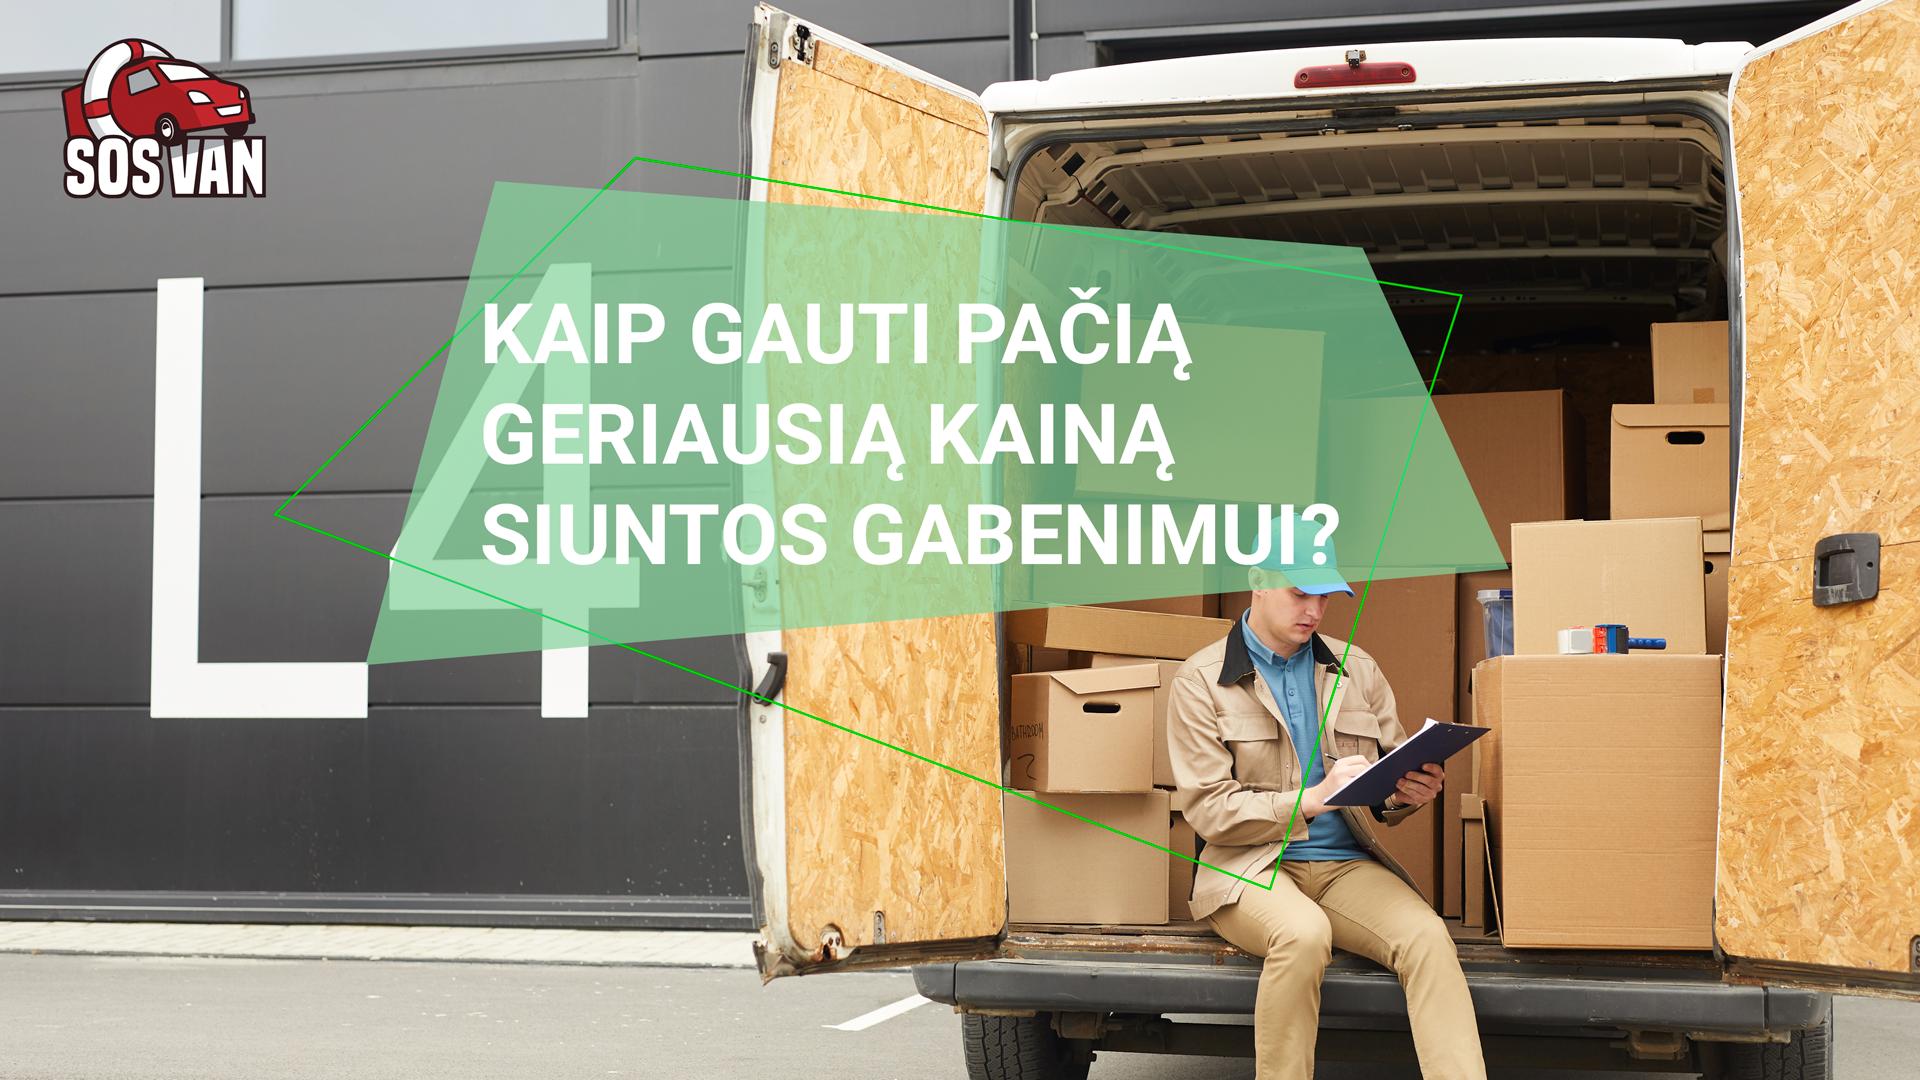 Kaip gauti pačią geriausią kainą siuntos gabenimui?  | Siuntų pervežimas ne tik Lietuvoje - SOSAVAN